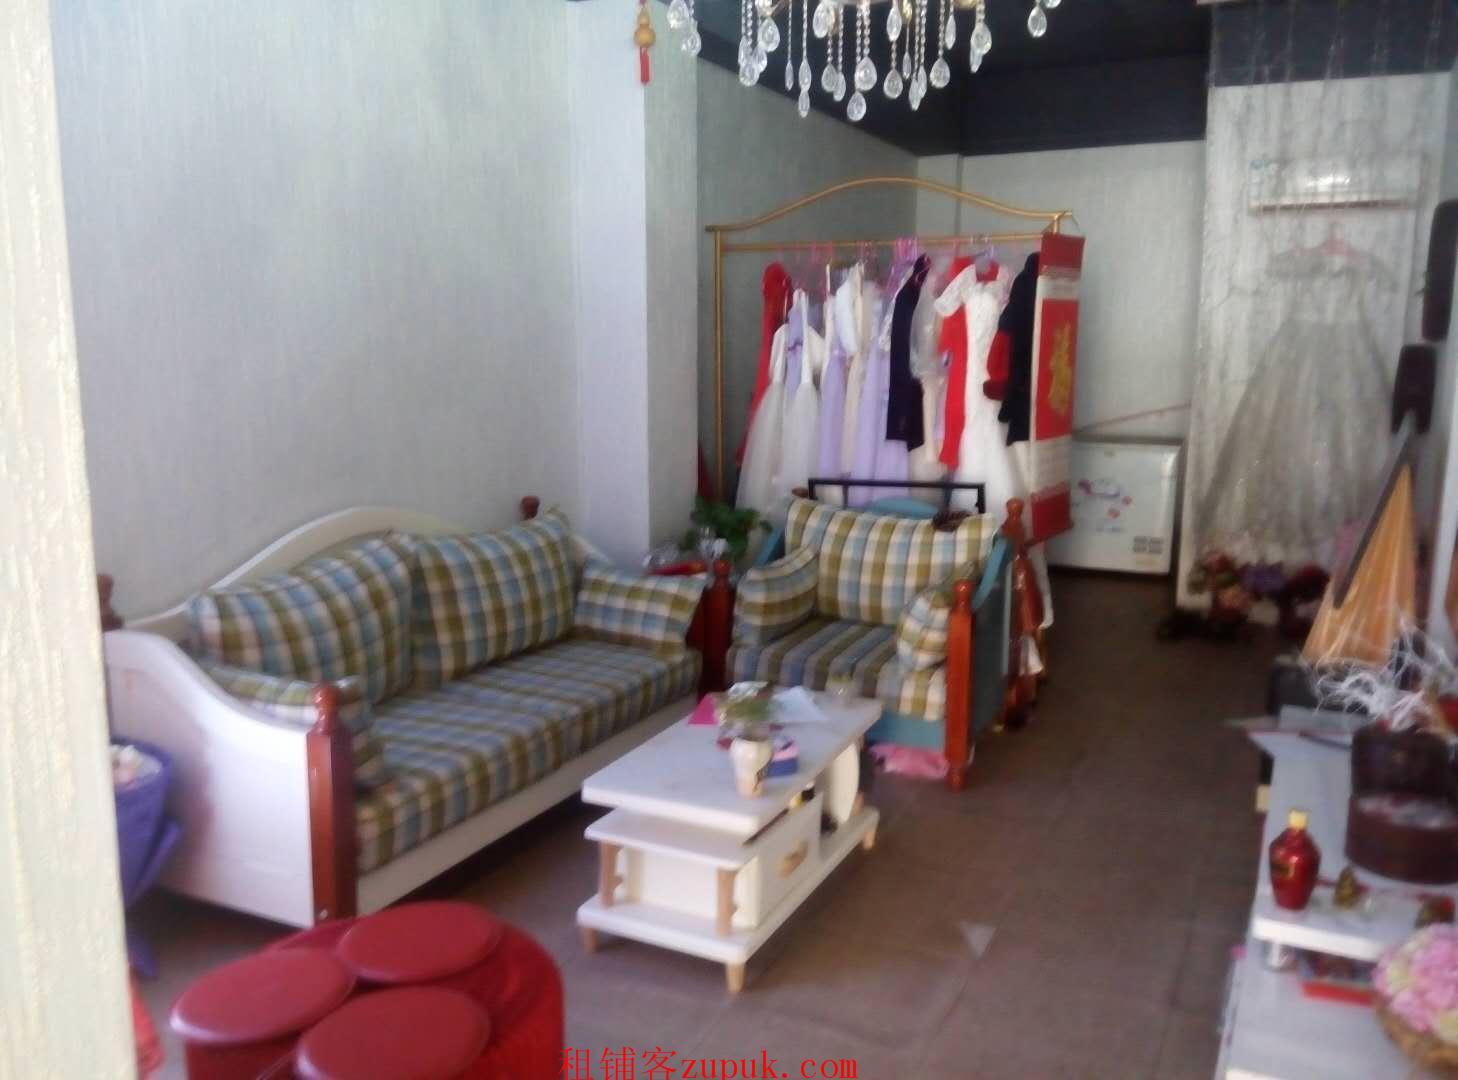 出租、转让、合租即可锦艺城c区海洋馆对面棉纺路社区底商